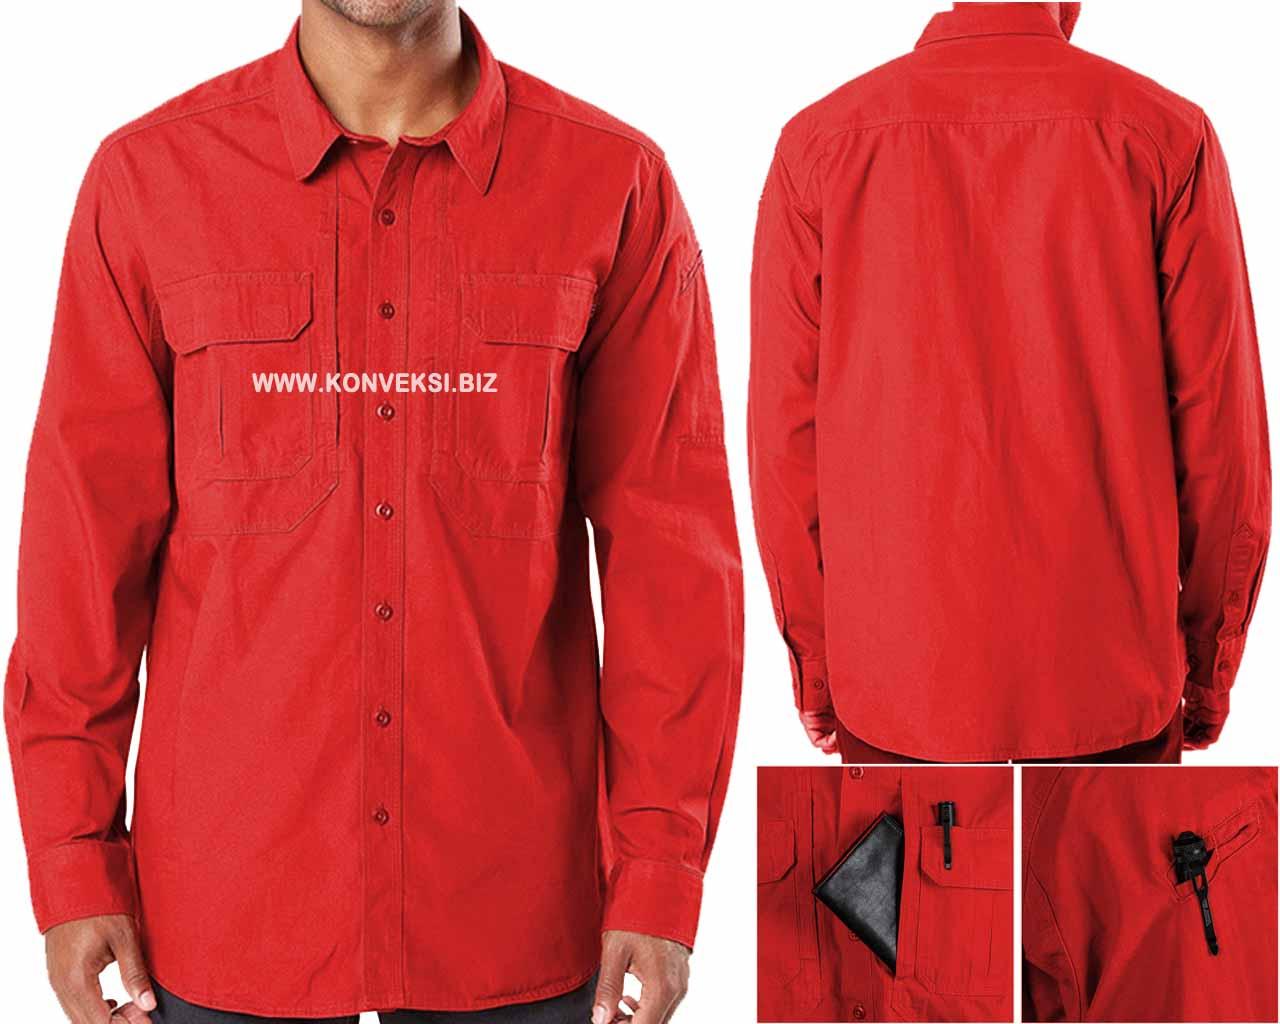 Kemeja Tactical Merah Lengan Panjang